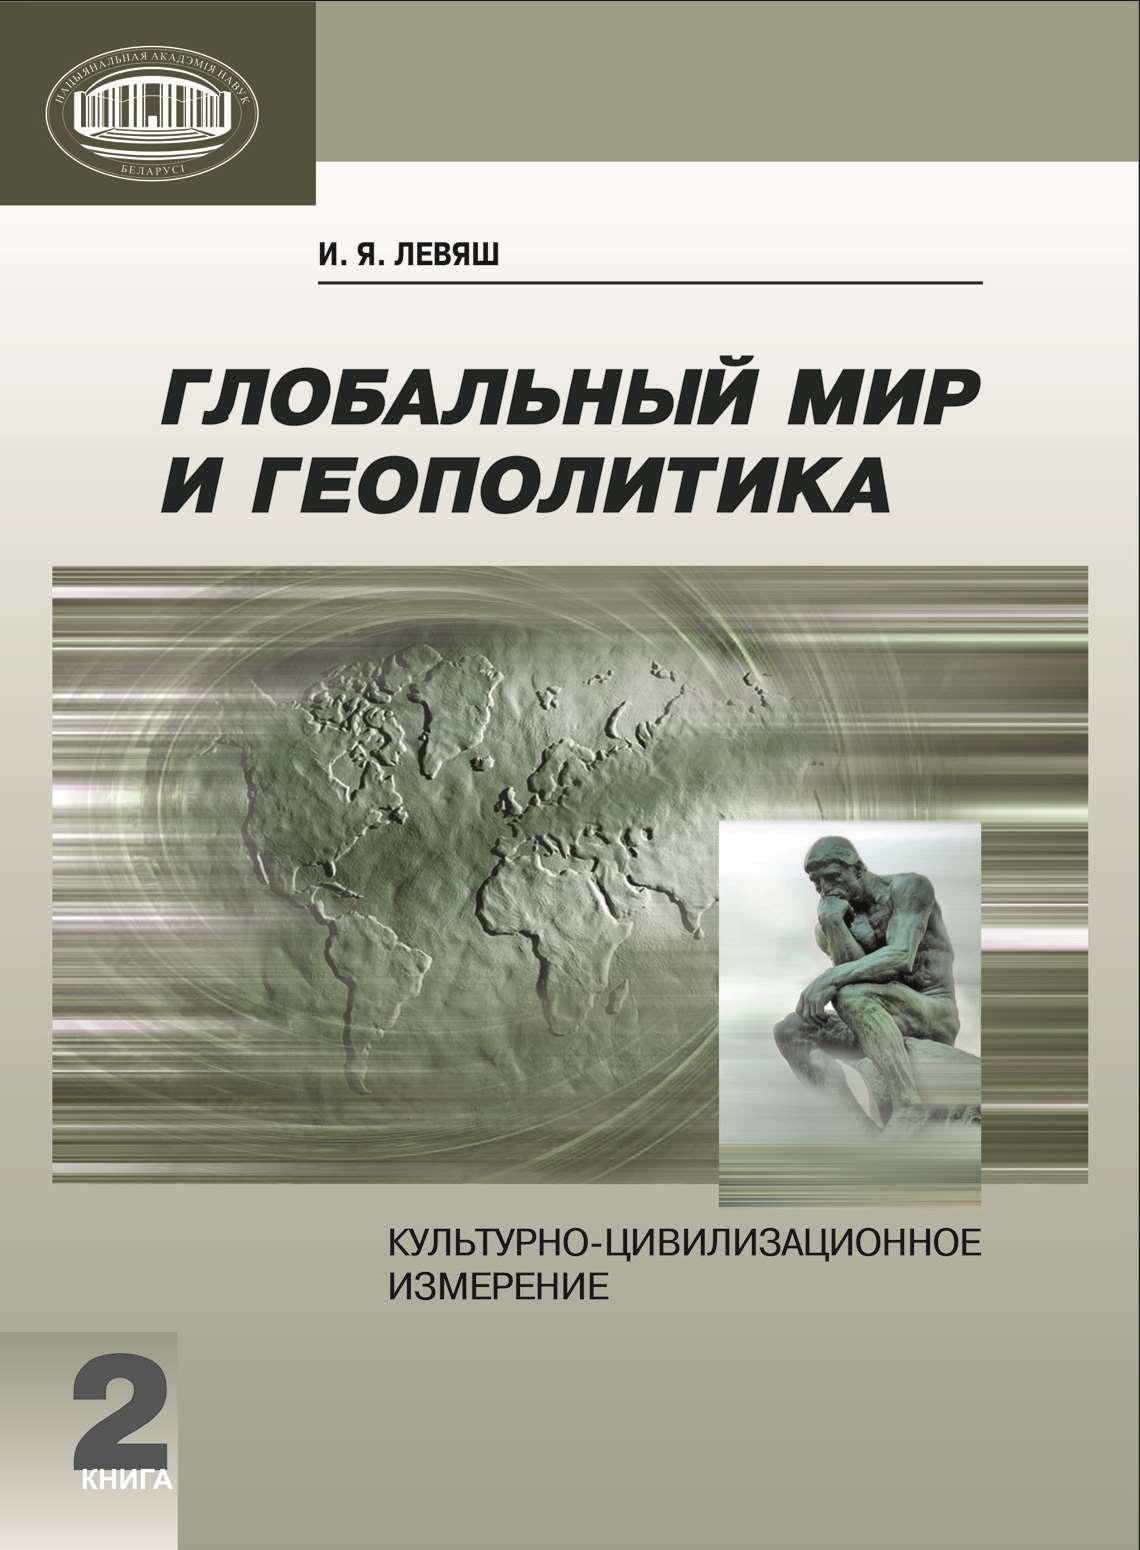 И. Я. Левяш Глобальный мир и геополитика. Культурно-цивилизационное измерение. Книга 2 цены онлайн